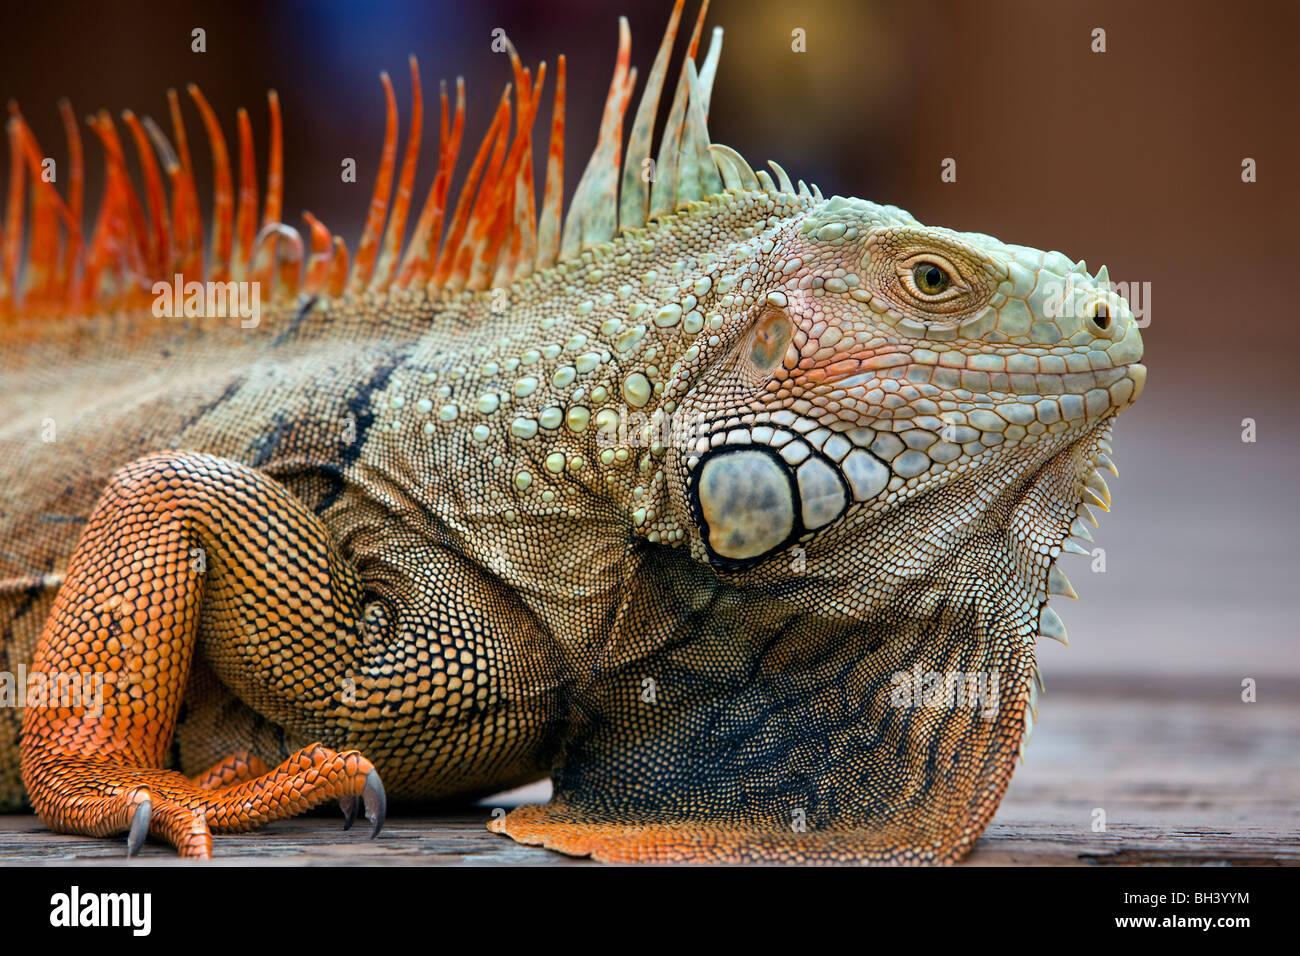 Iguana retrato, Florida Imagen De Stock